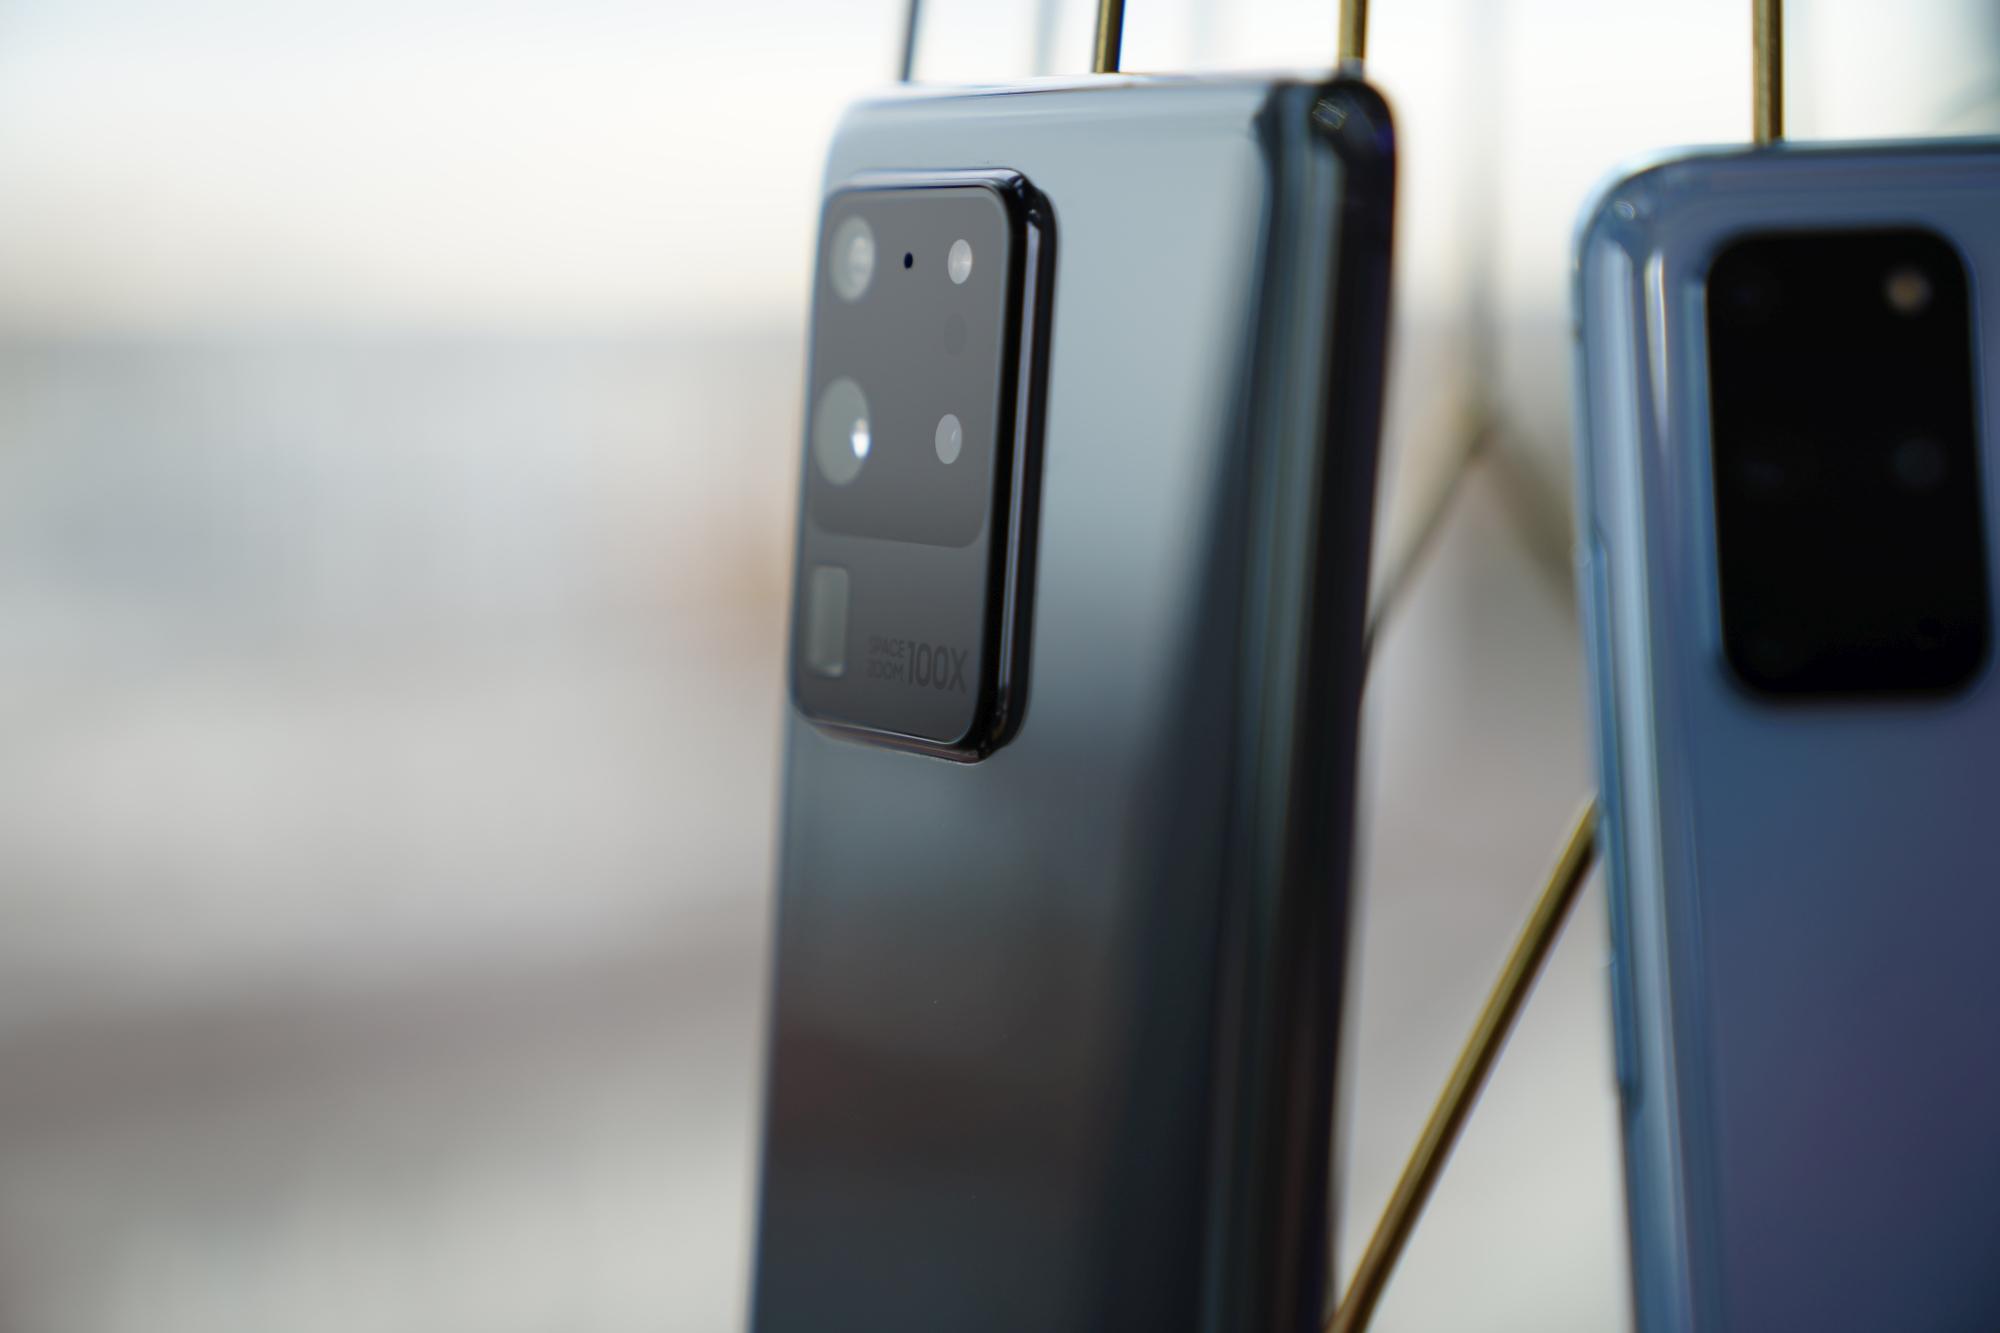 W Polsce wystartowała sprzedaż Samsungów z serii Galaxy S20! 22